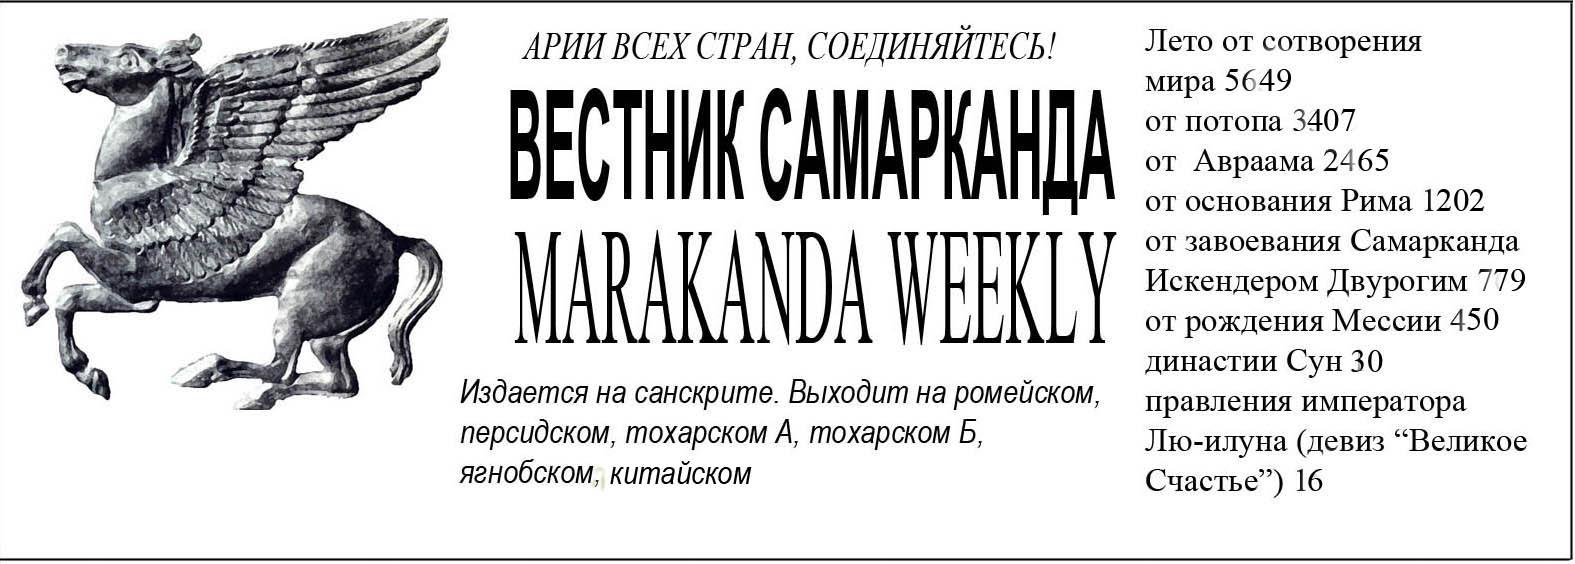 газета 450 2.jpg